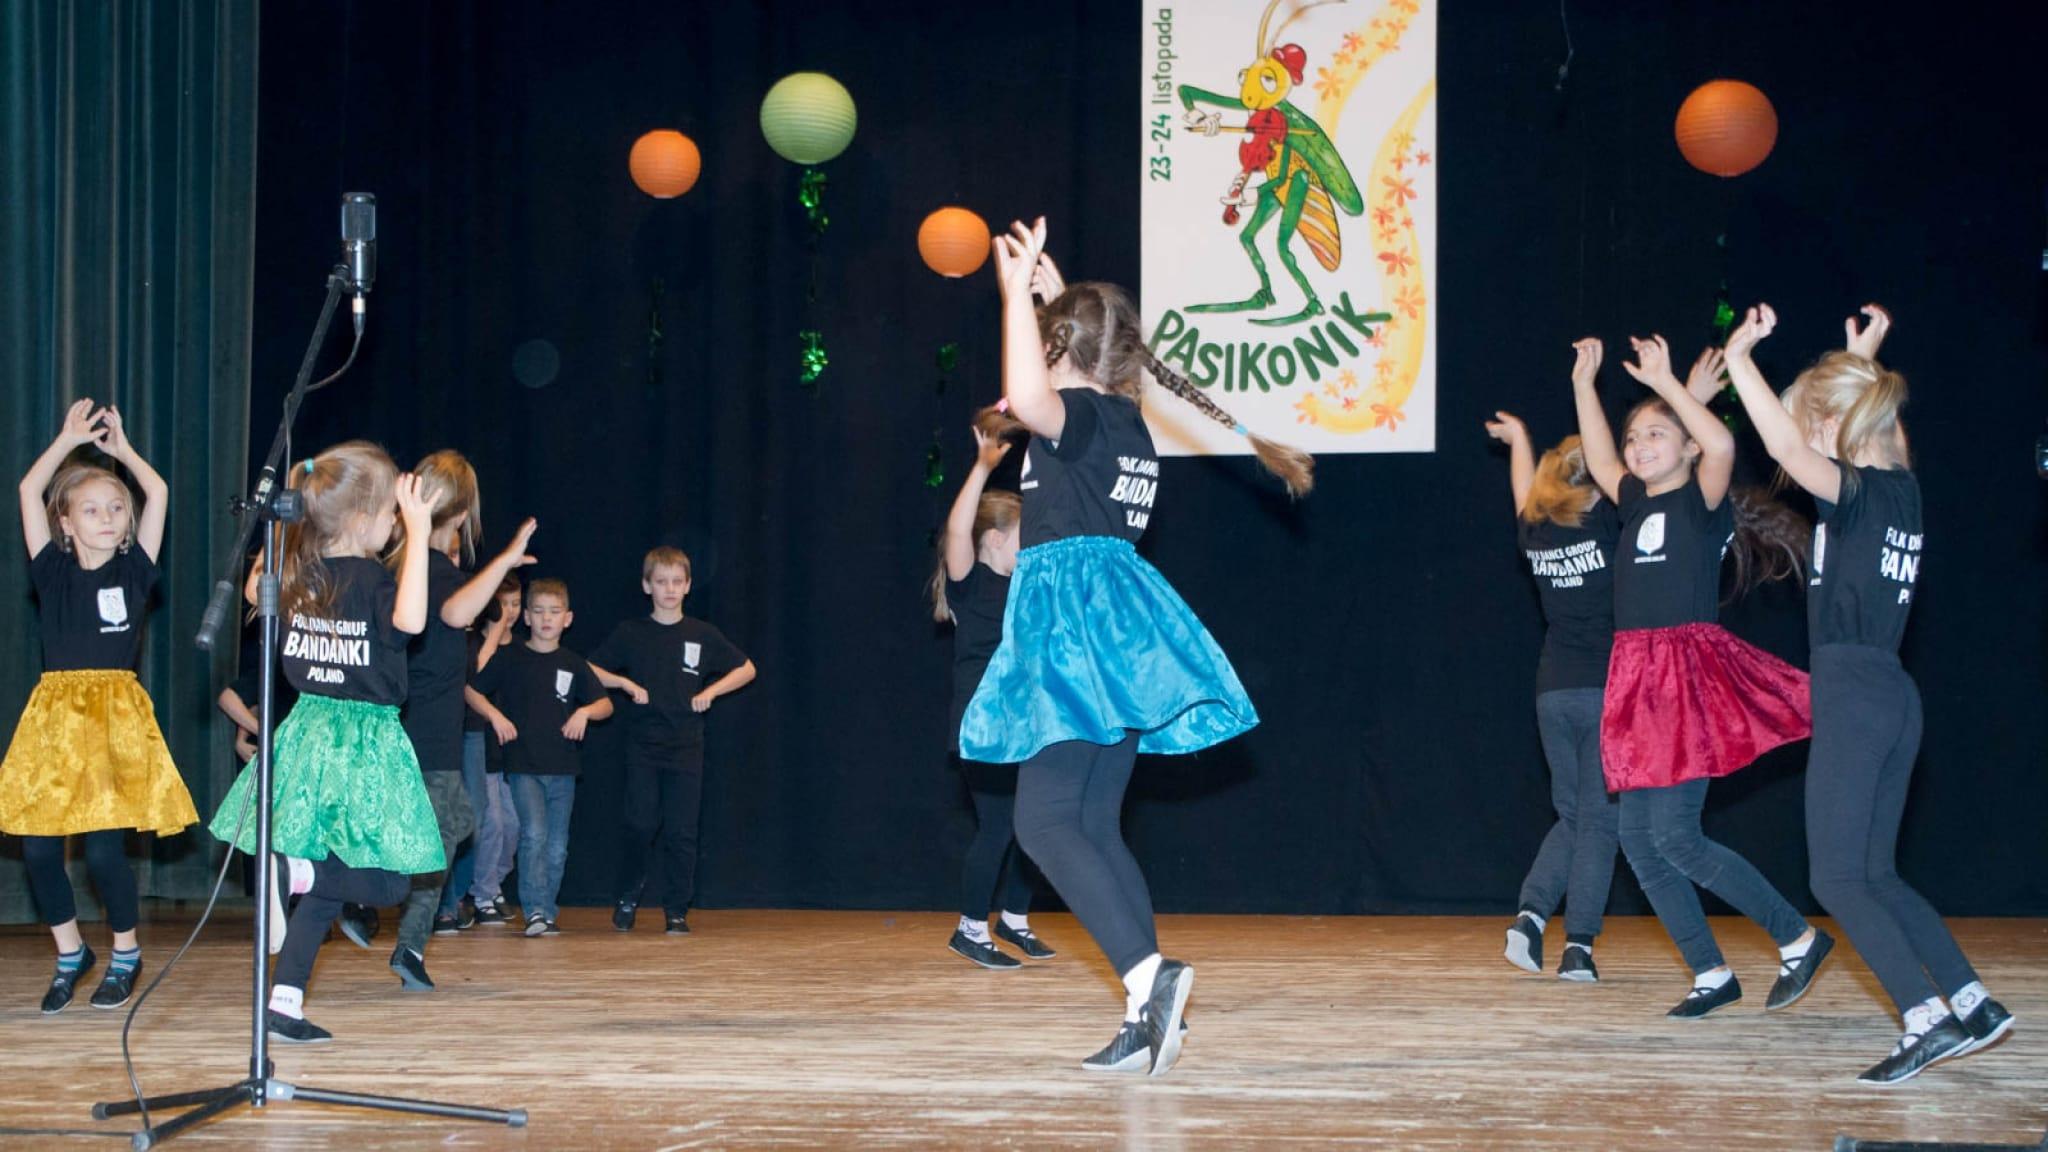 Pasikonik-2017-poza-scena-002